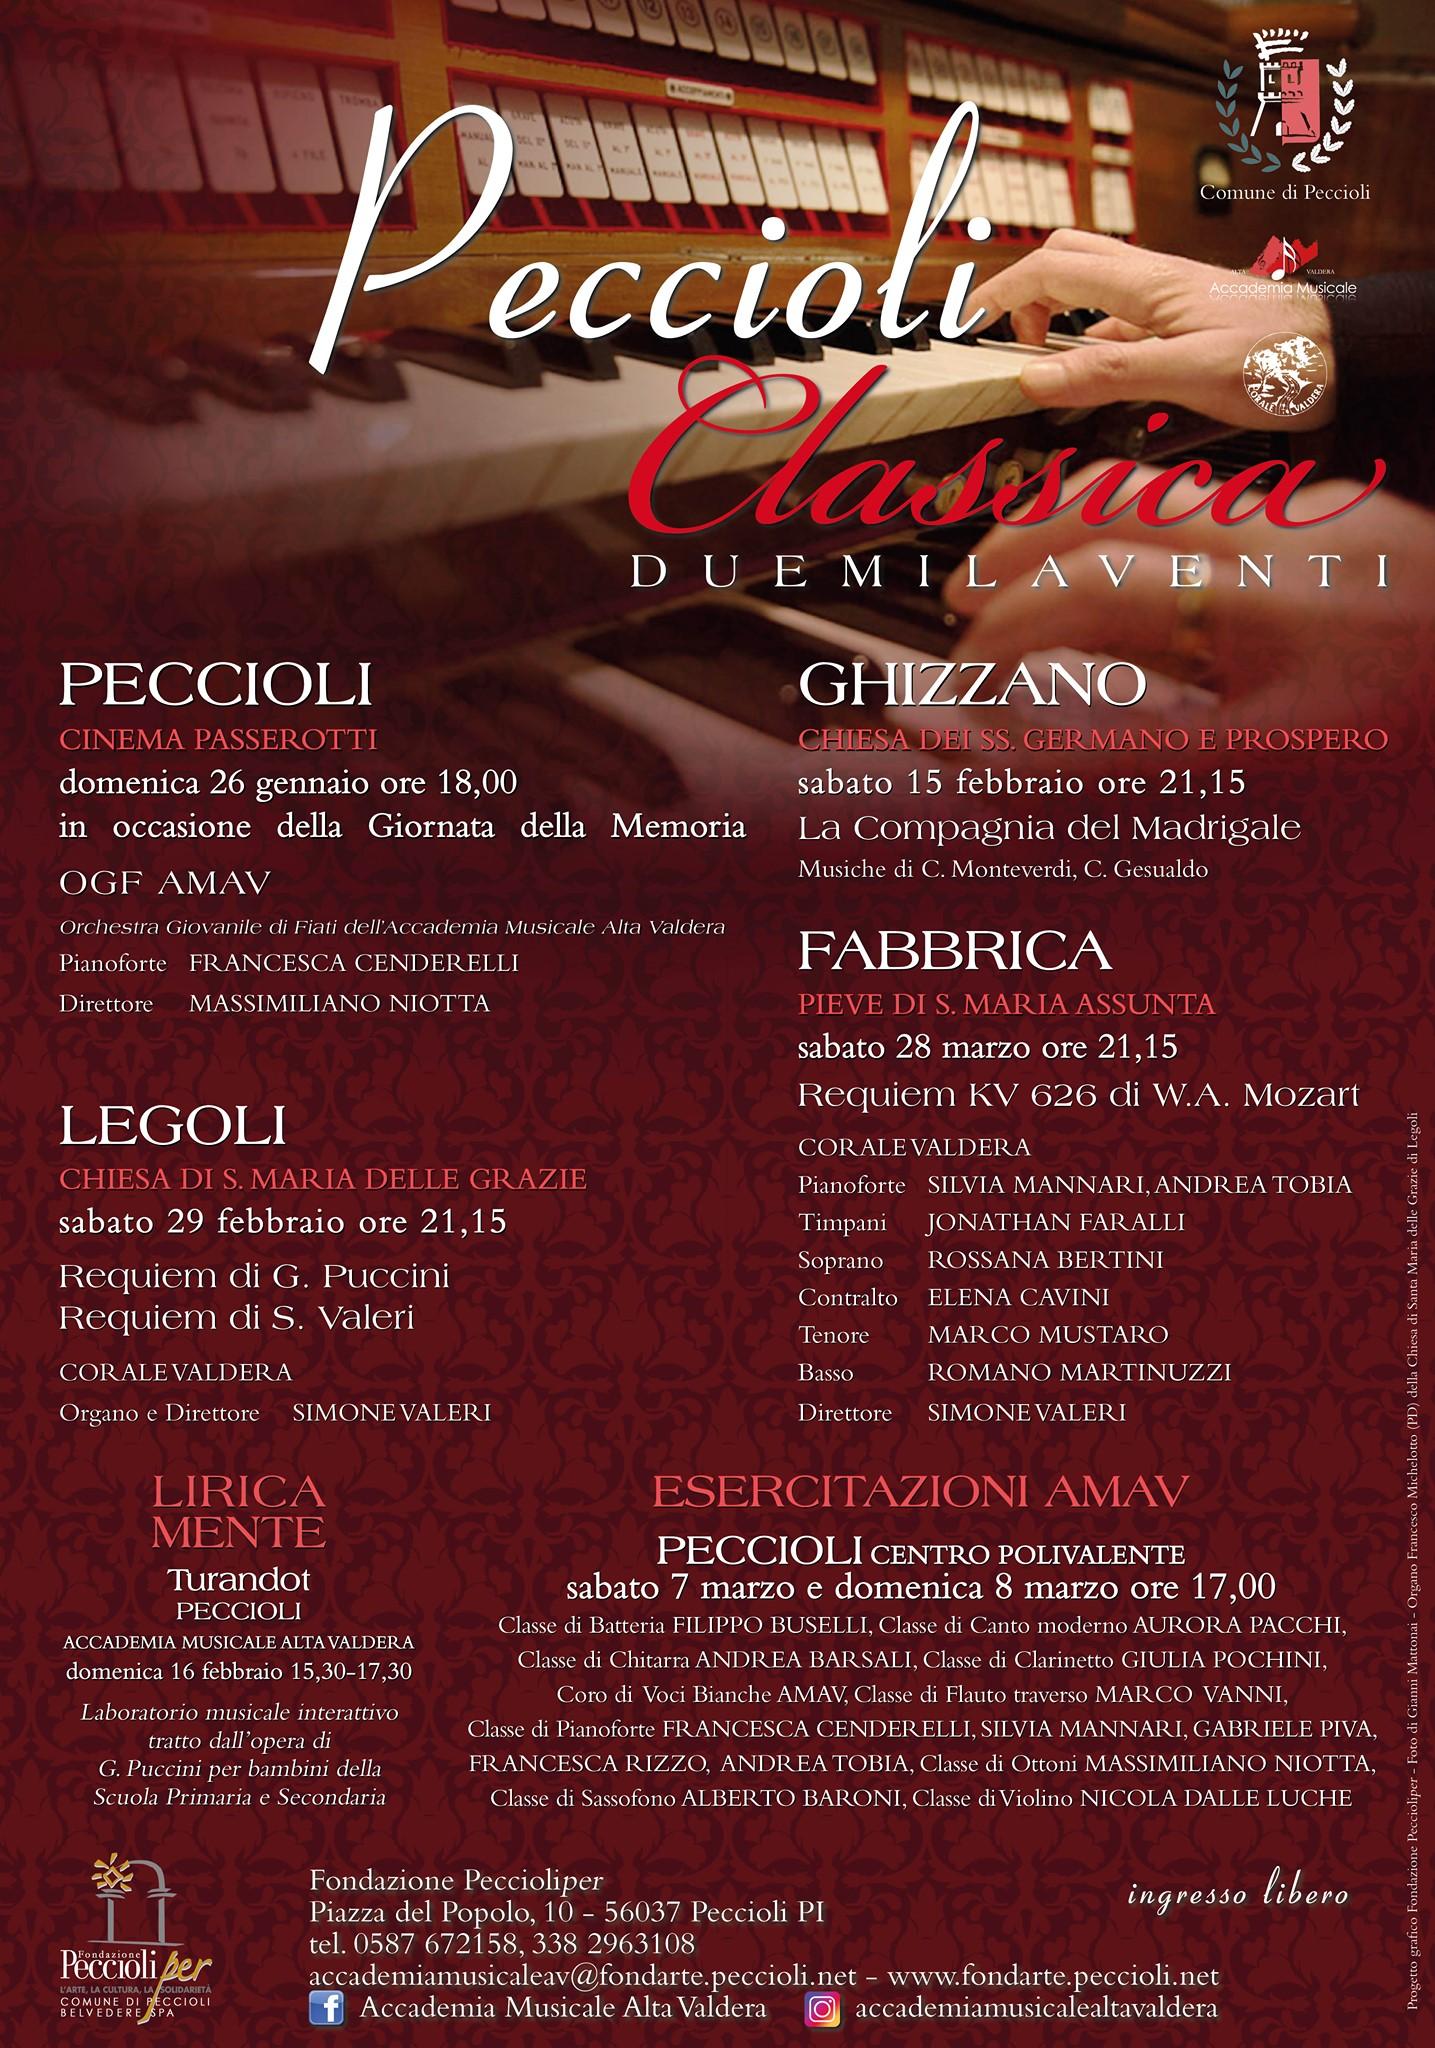 Rassegna Peccioli Classica, 5° edizione | Peccioli e frazioni